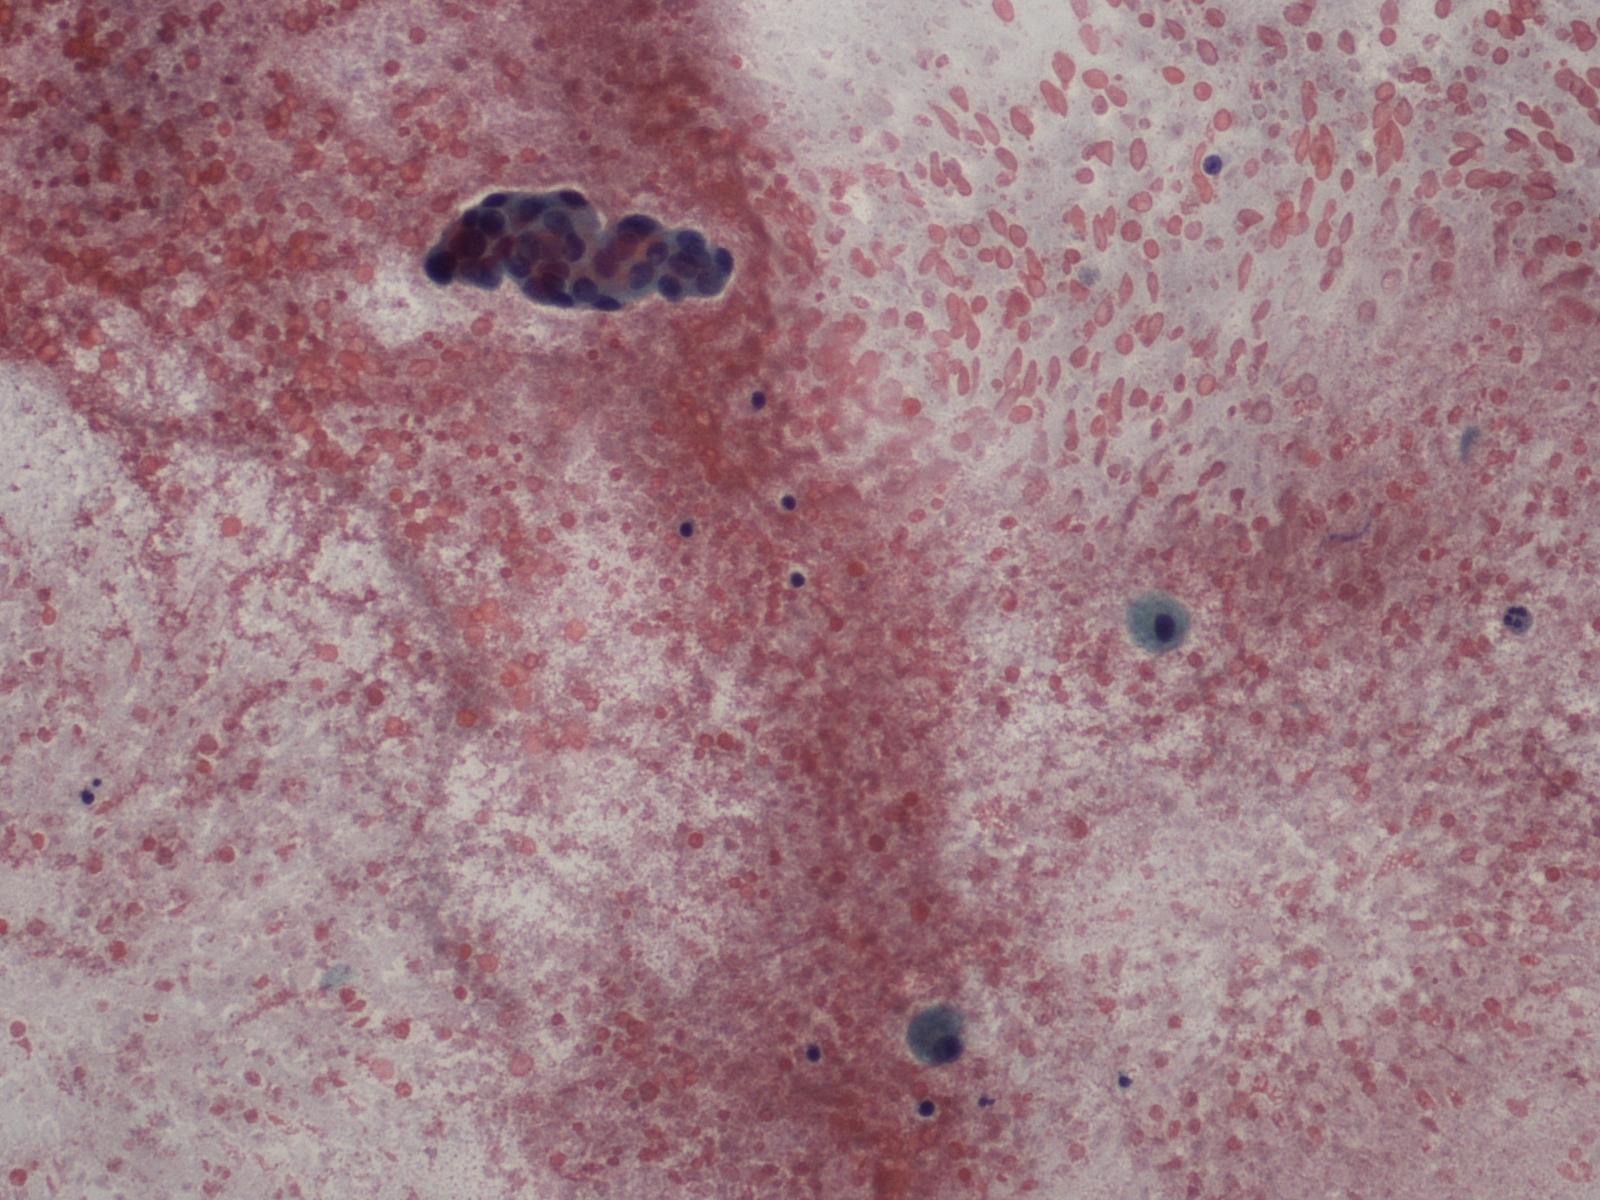 hpv impfung typen el virus de papiloma humano que es